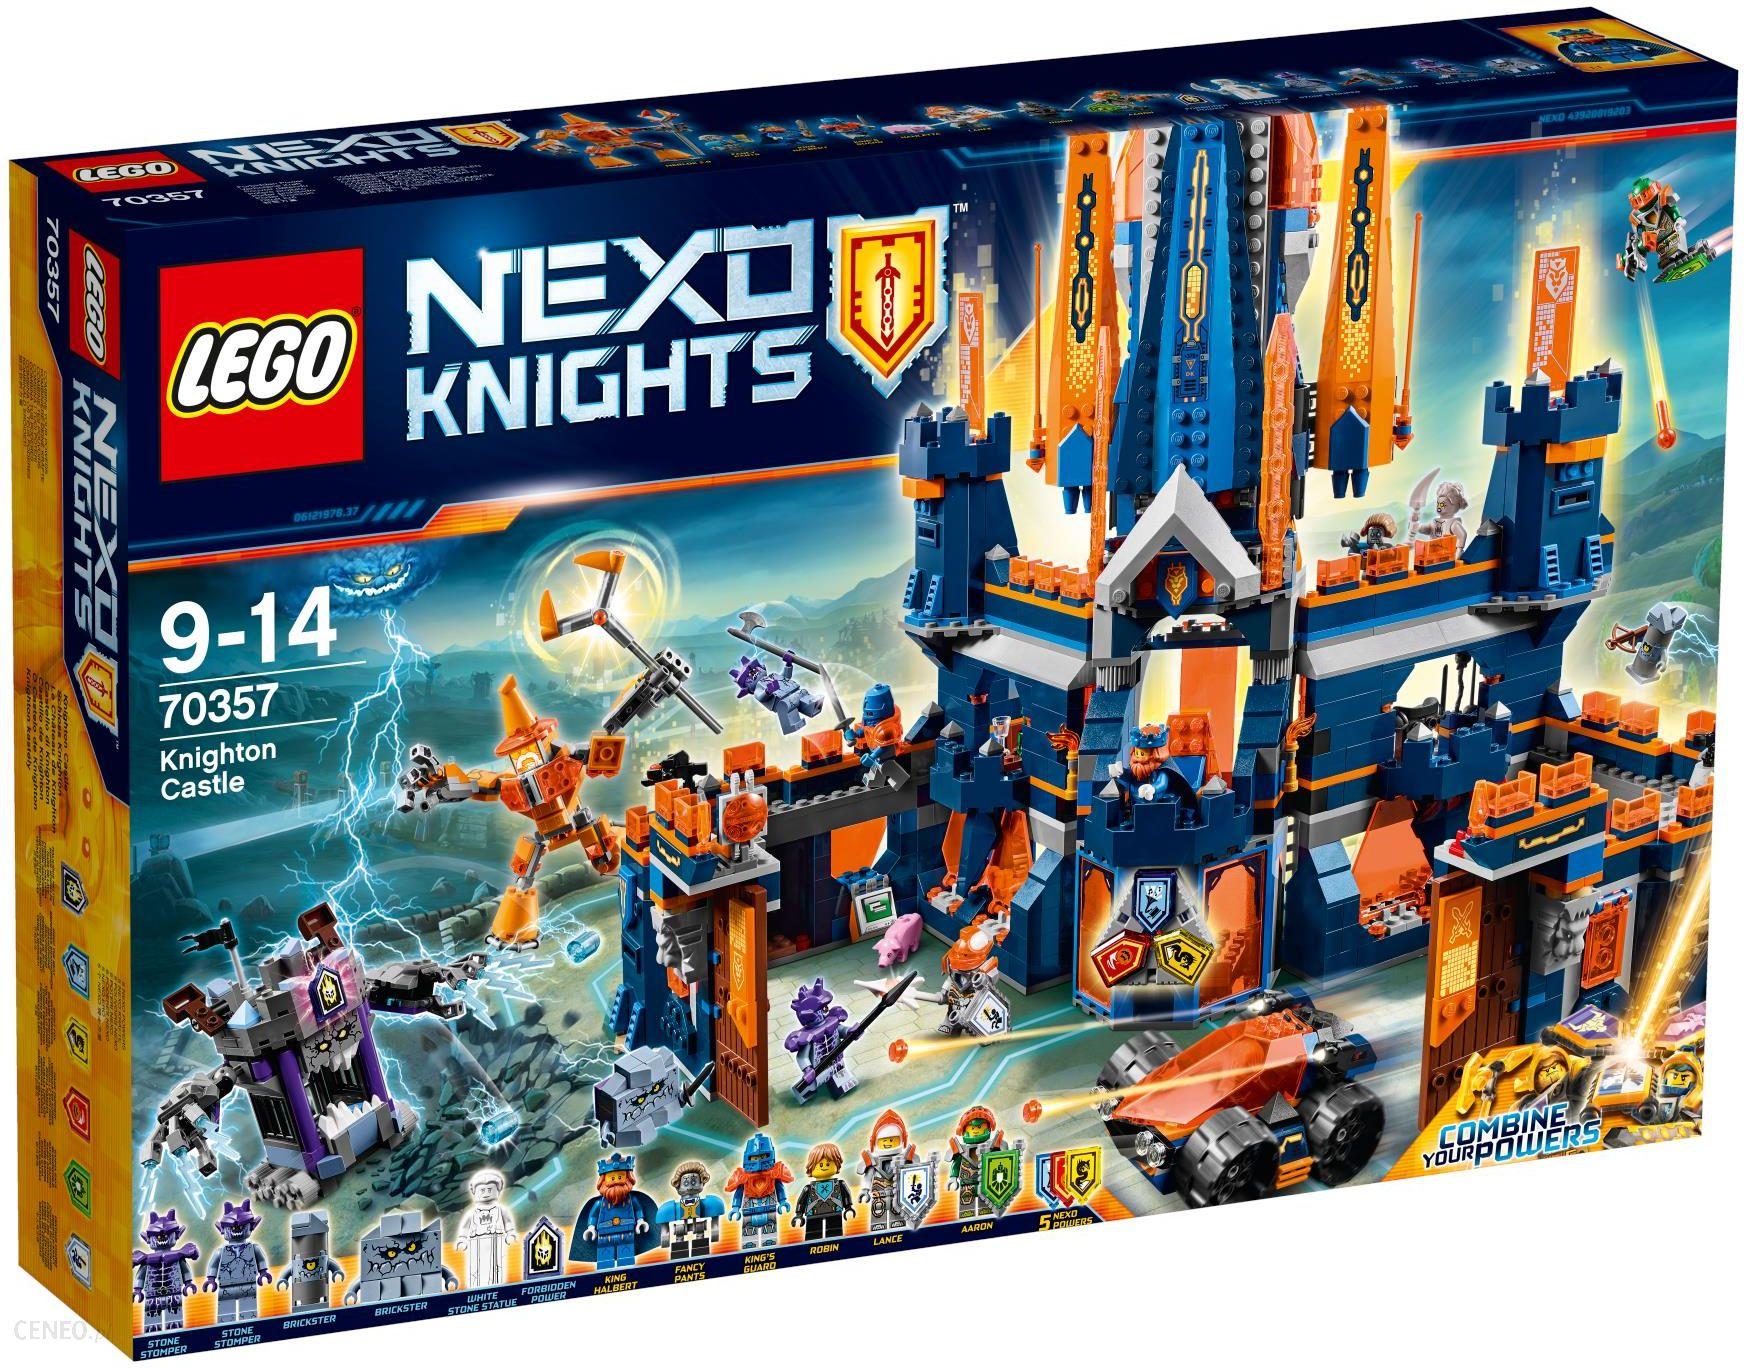 Klocki Lego Nexo Knights Zamek Knighton 70357 Ceny I Opinie